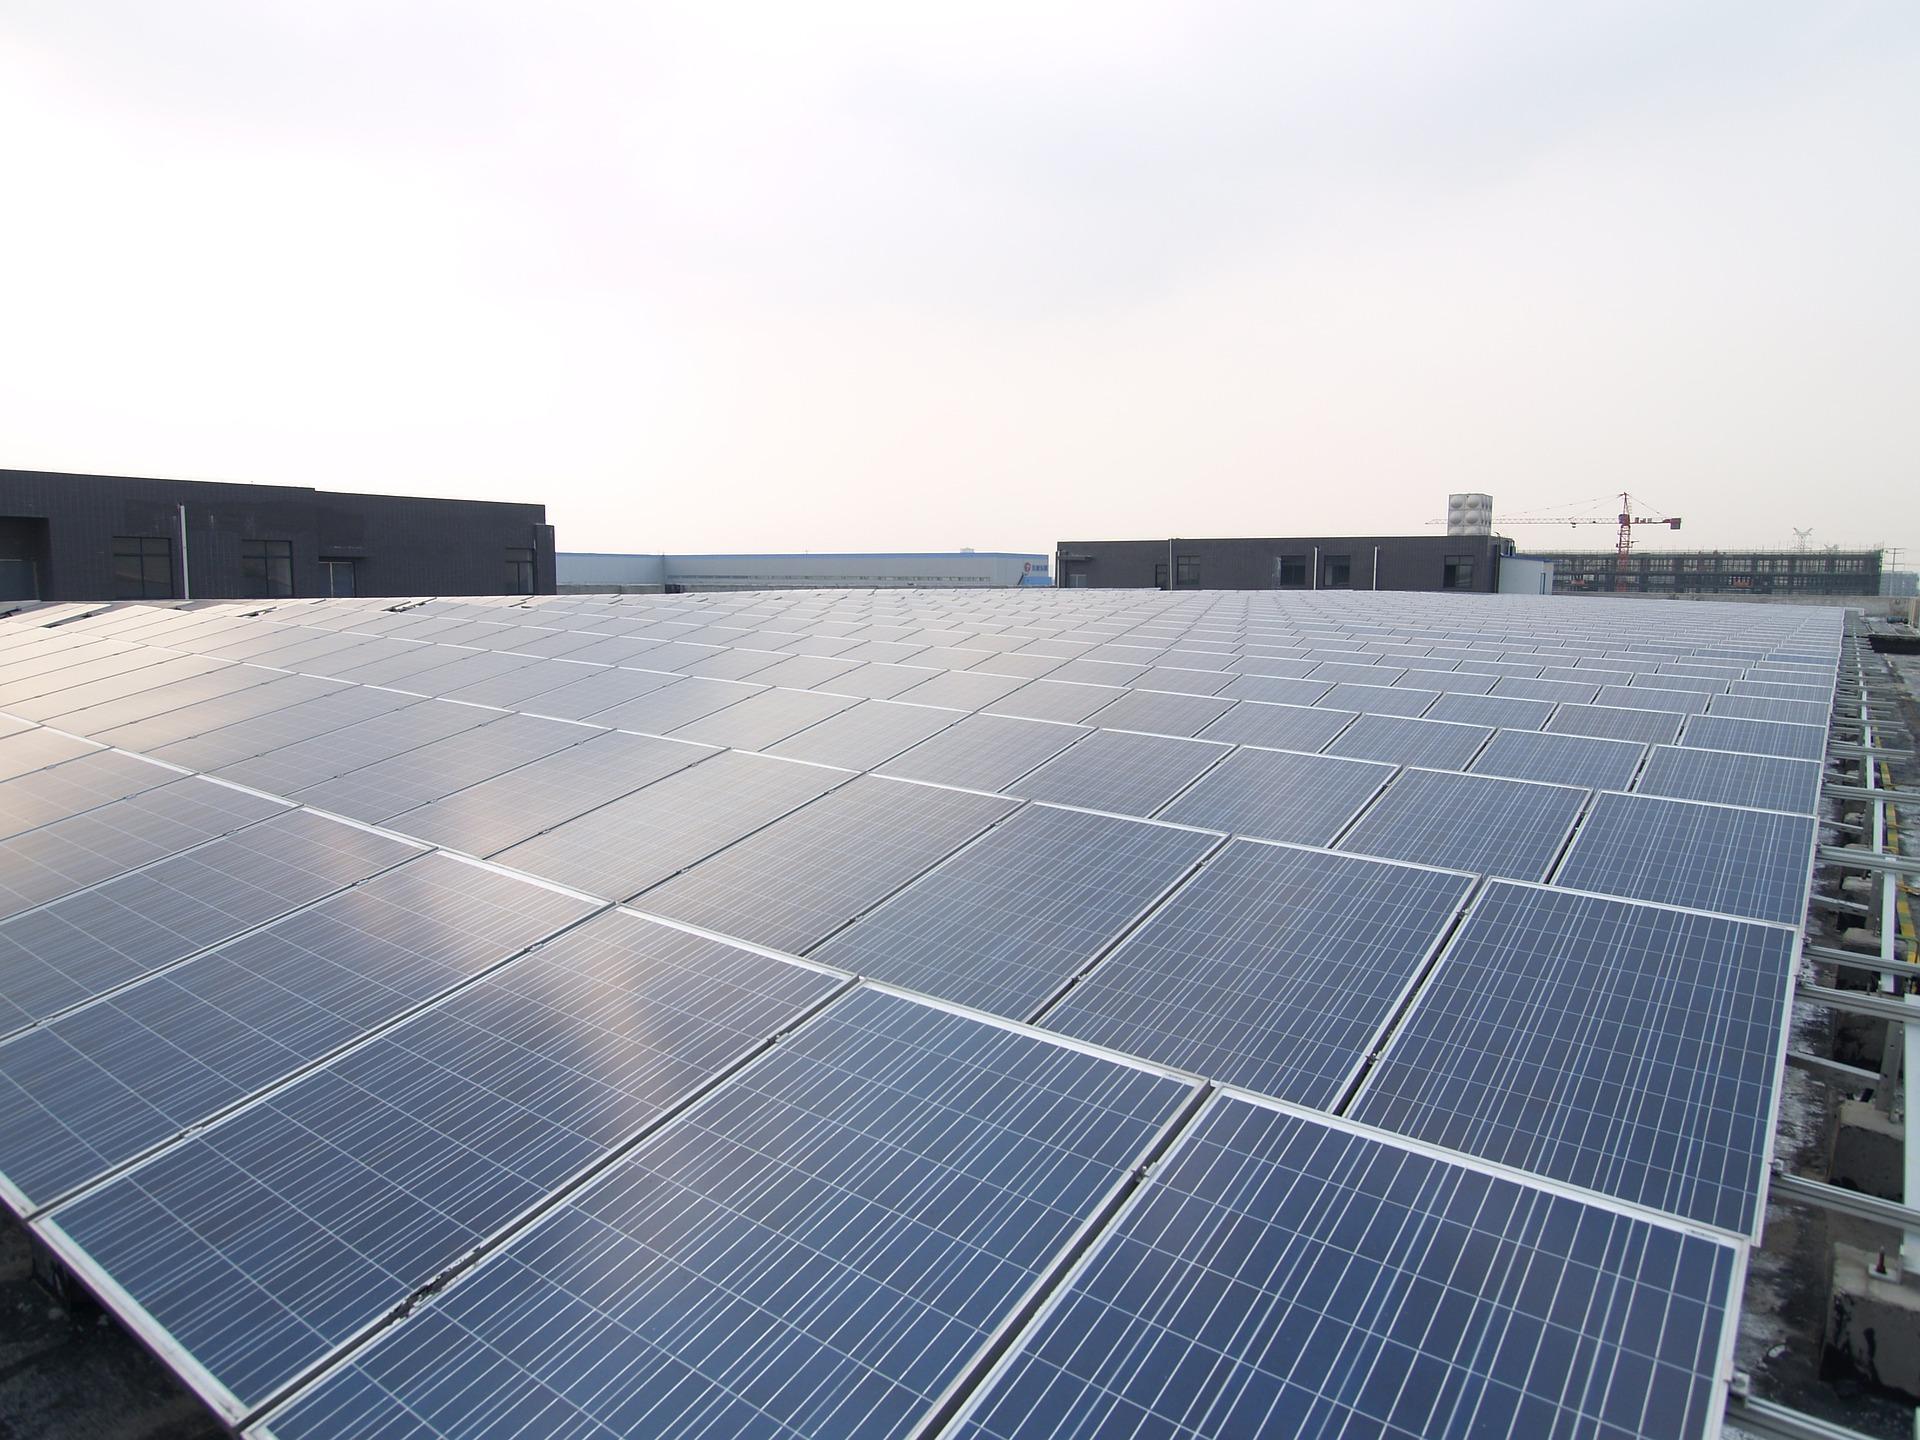 solar roof factory-1495928_1920.jpg